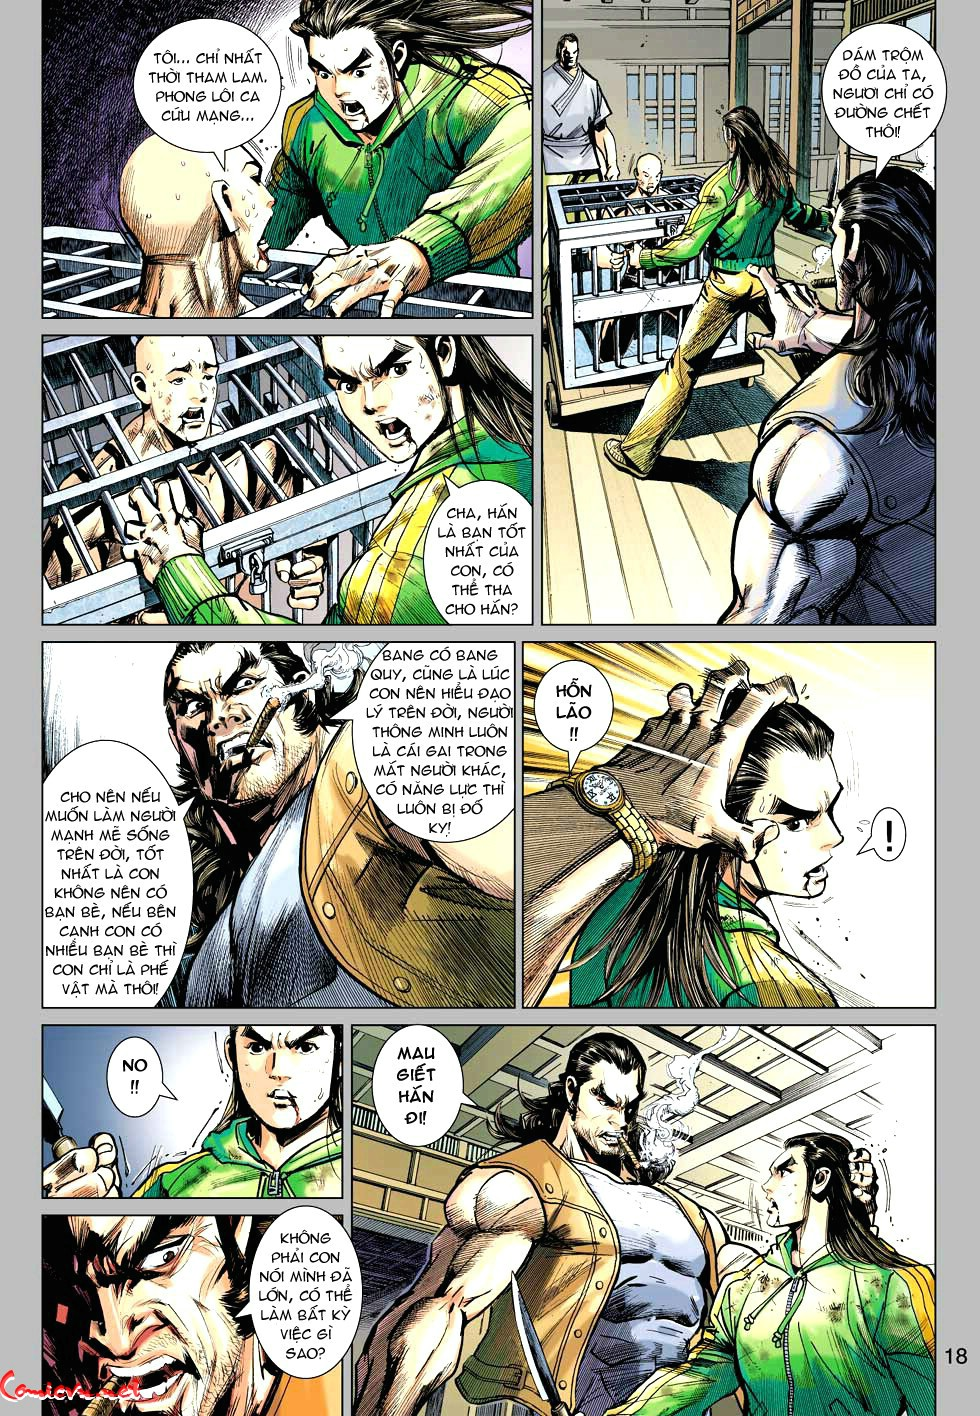 Vương Phong Lôi 1 chap 34 - Trang 18